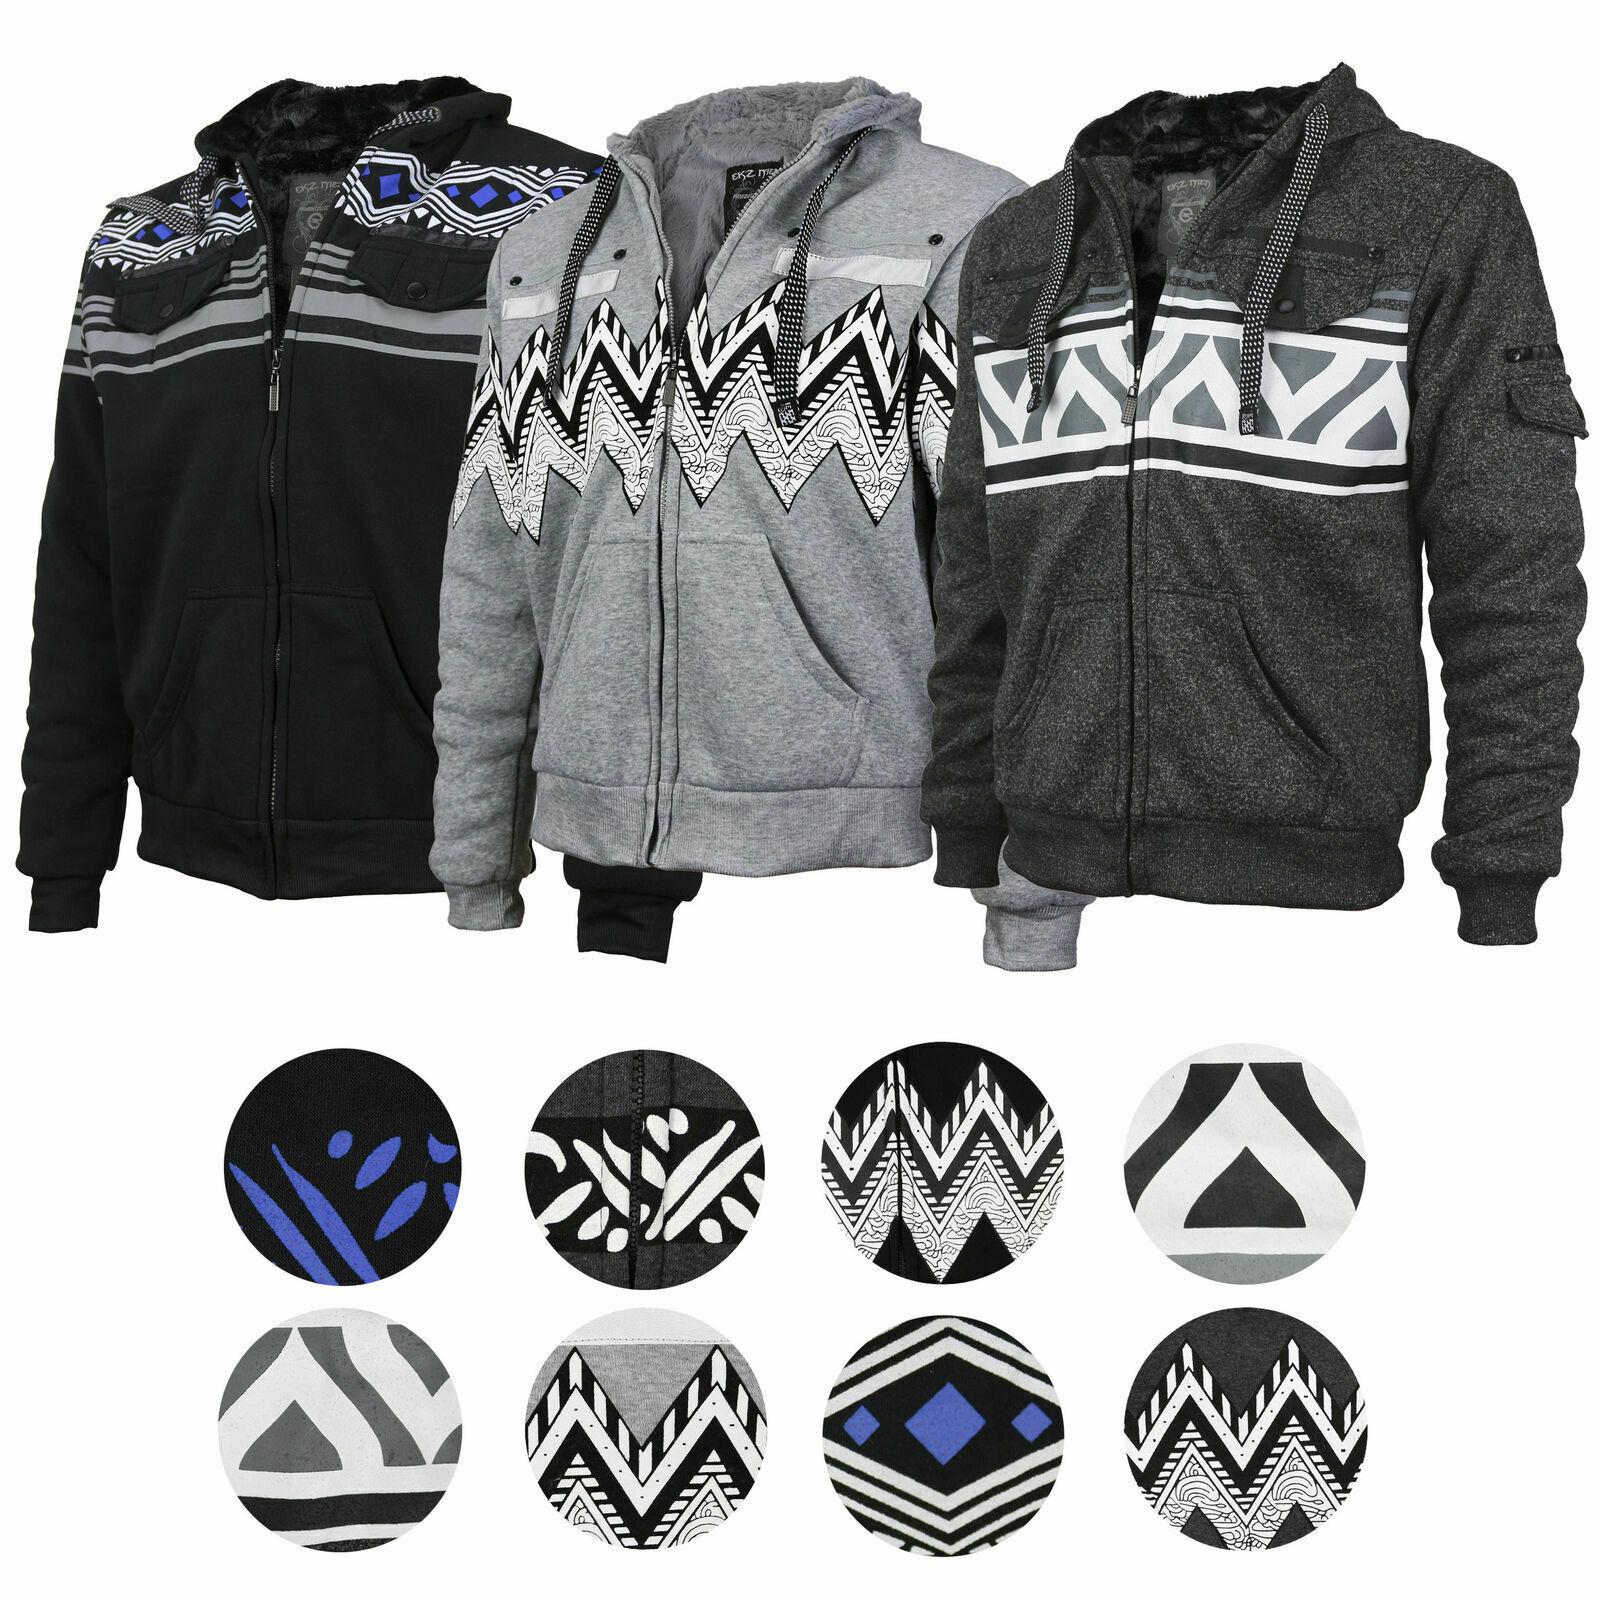 EKZ Men's Graphic Geo Tribal Fleece Lined Zip Up Sherpa Hoodie Jacket - $29.95